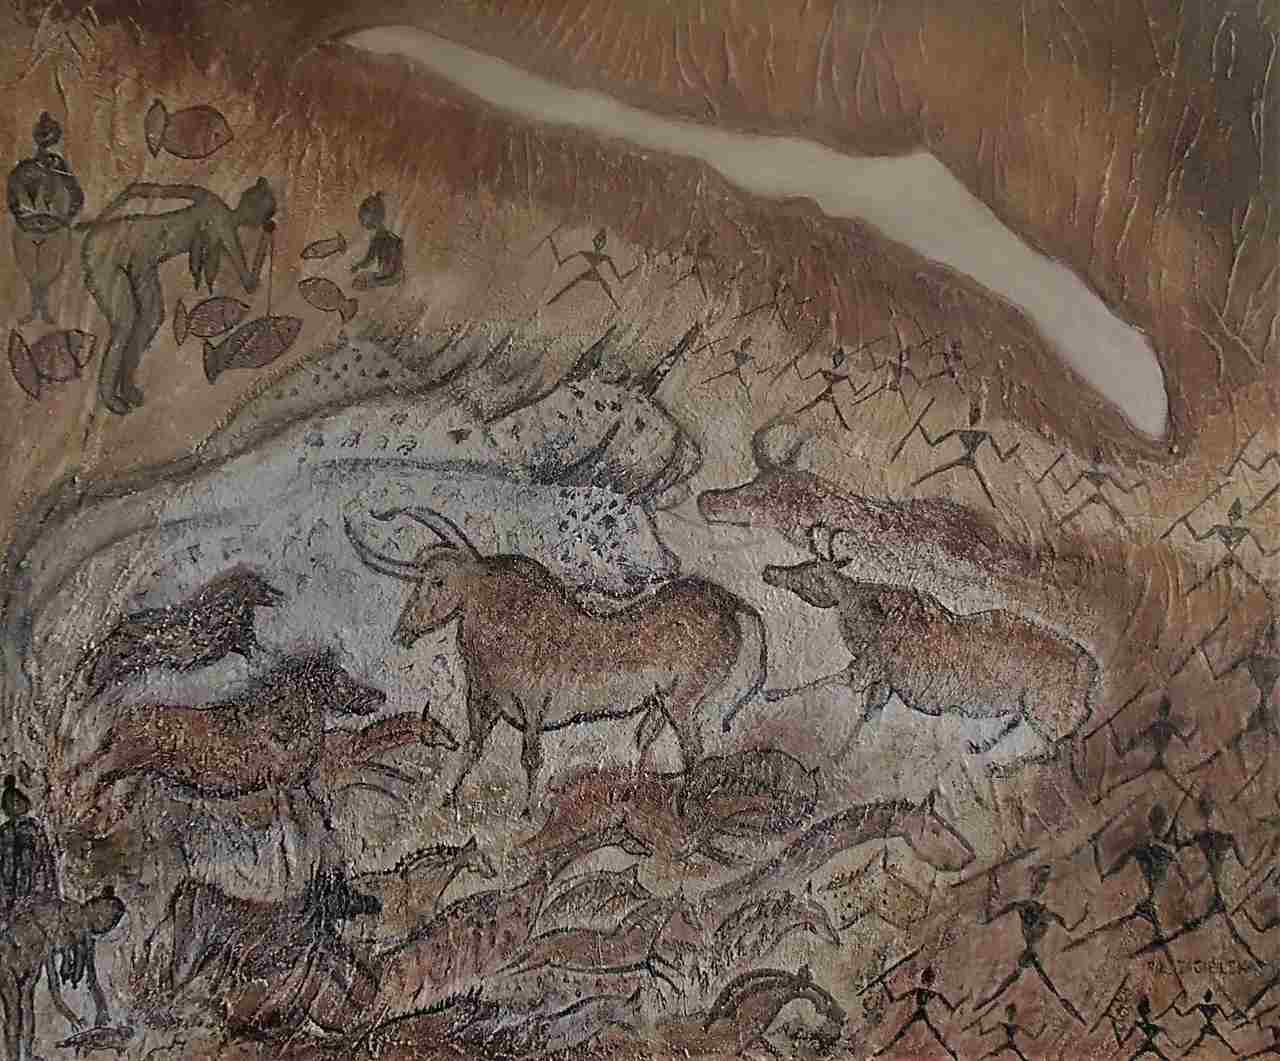 Ryszarda-Łucja-Jagielska-OBFITOŚĆ akryl 100x120